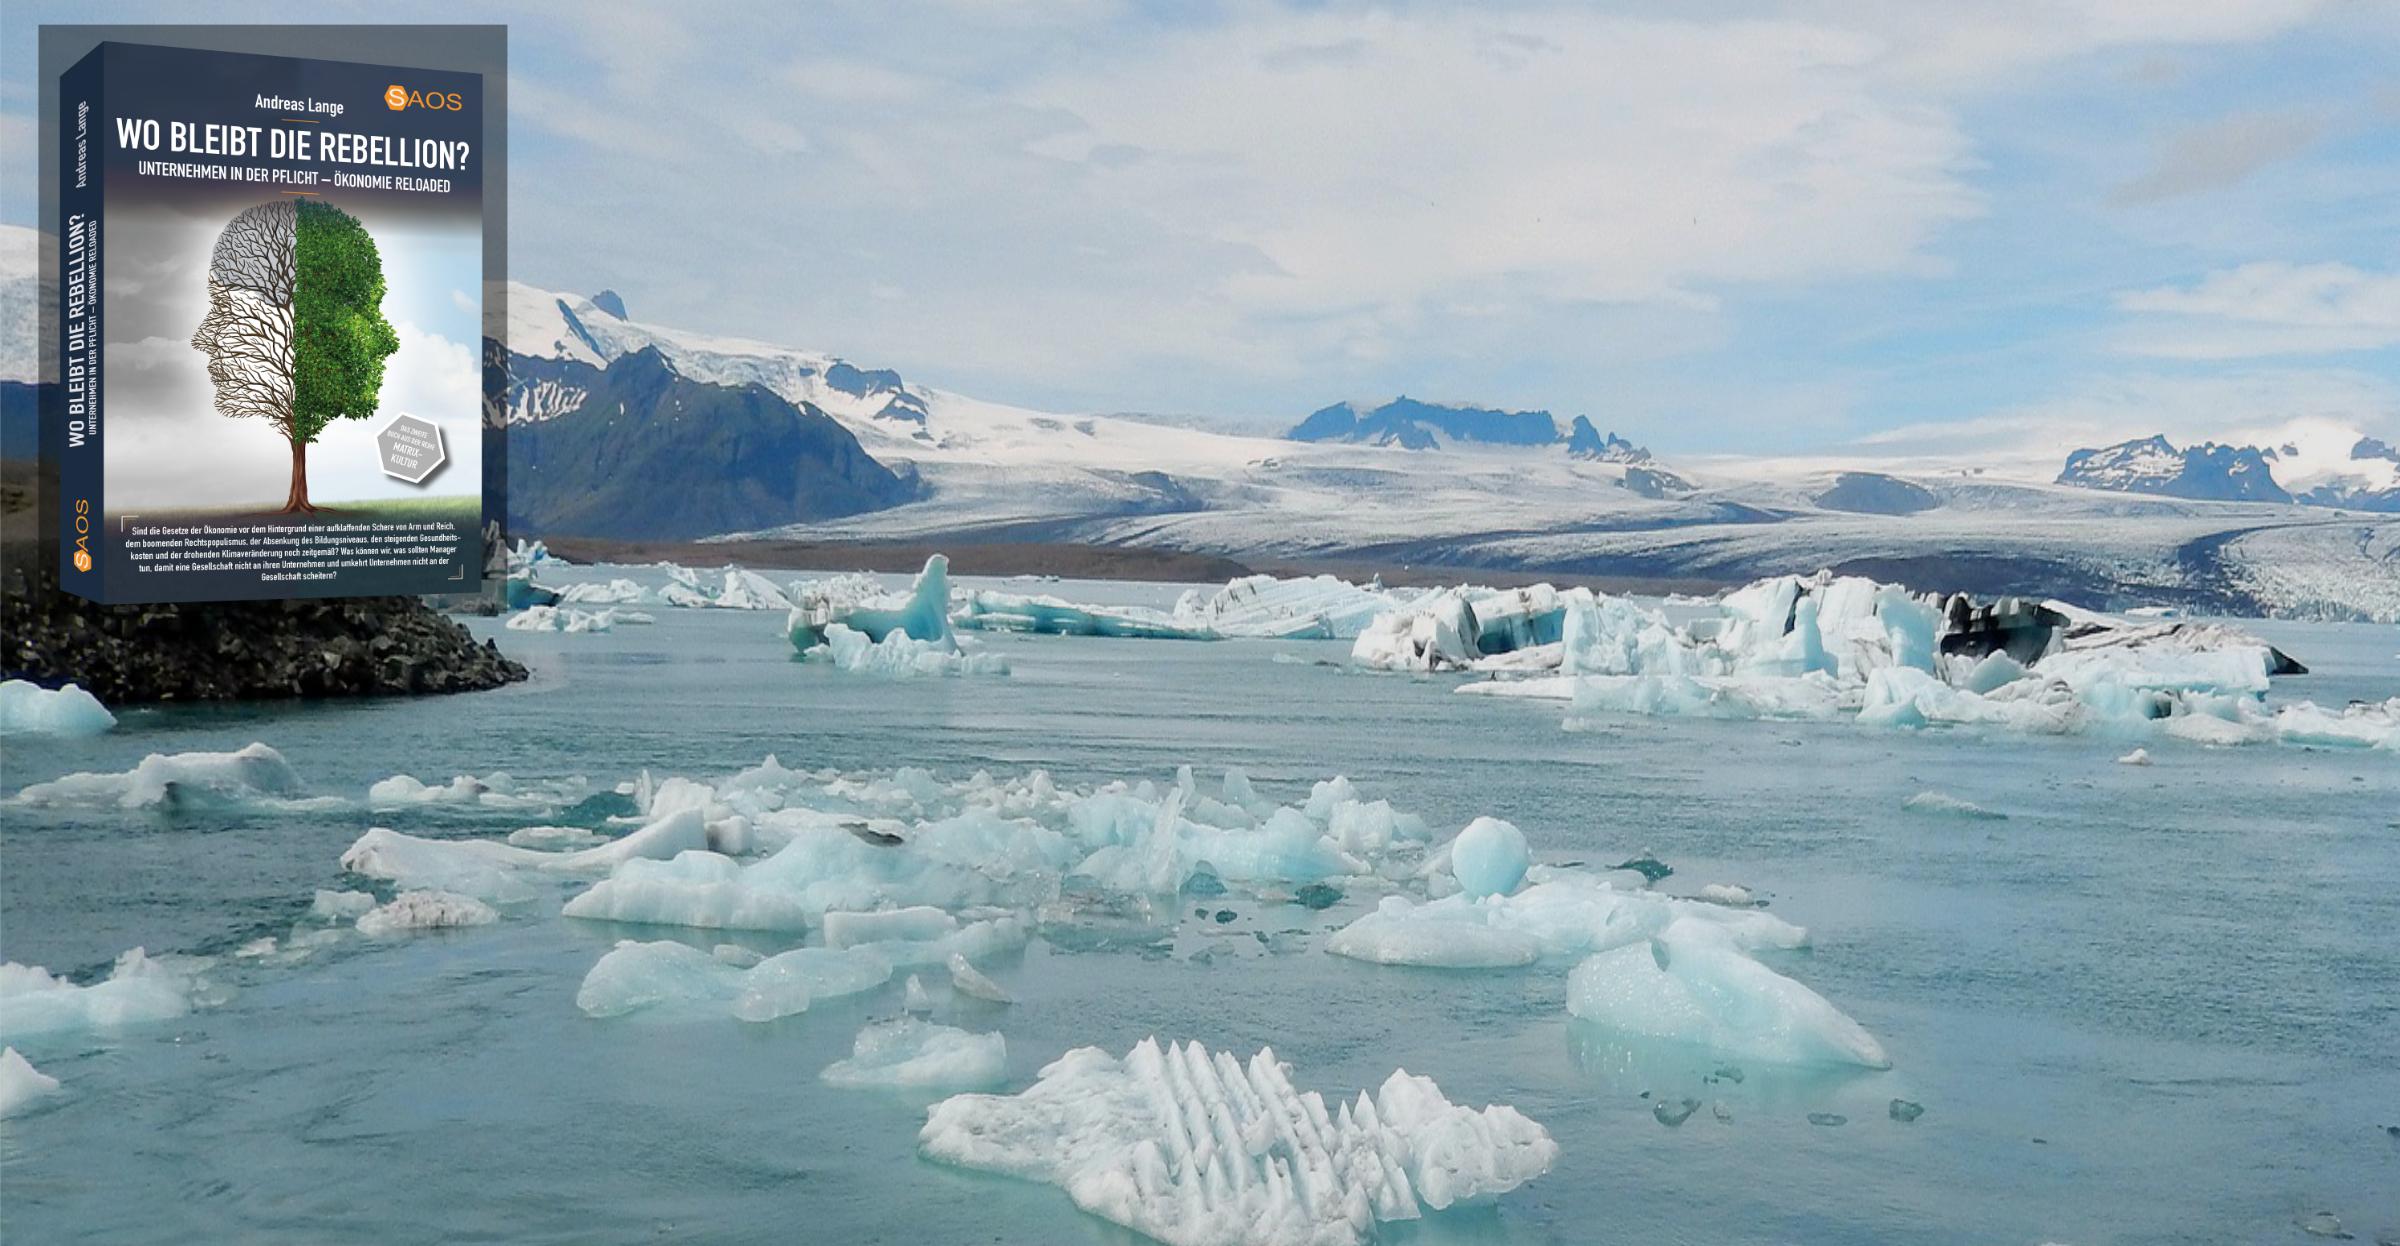 Klimawandel, nicht alle wollen ihn wahr haben – lassen wir die Physik sprechen!